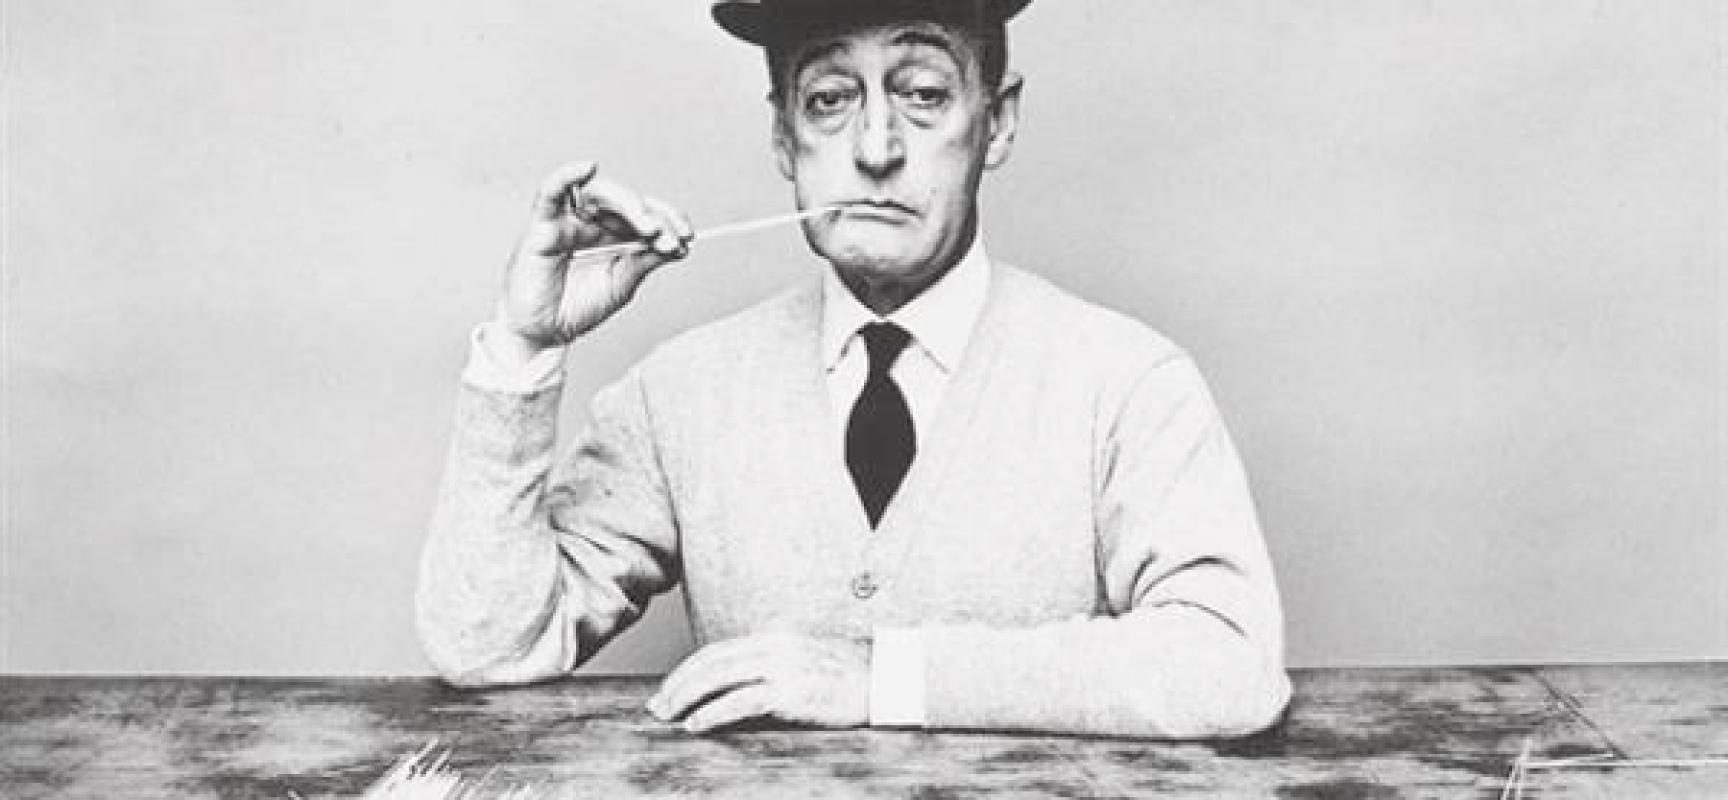 ACCADDE OGGI. Il 15 aprile 1967 moriva a Roma Antonio De Curtis